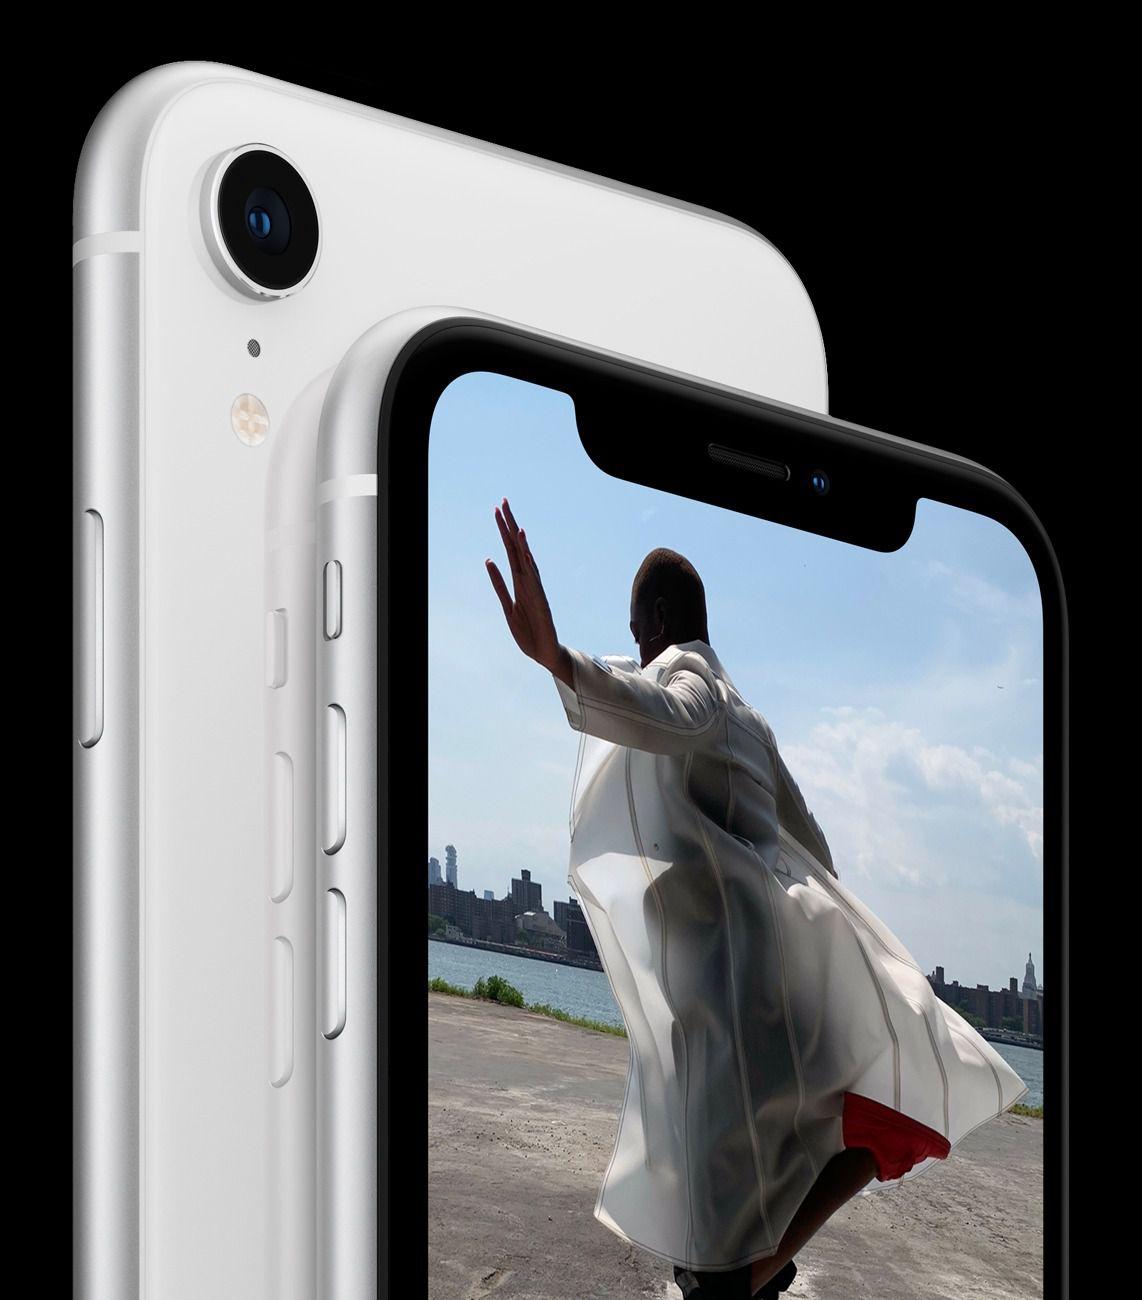 iPhone XR, diseño en aluminio y vidrio para lo último de Apple | Imagenacion